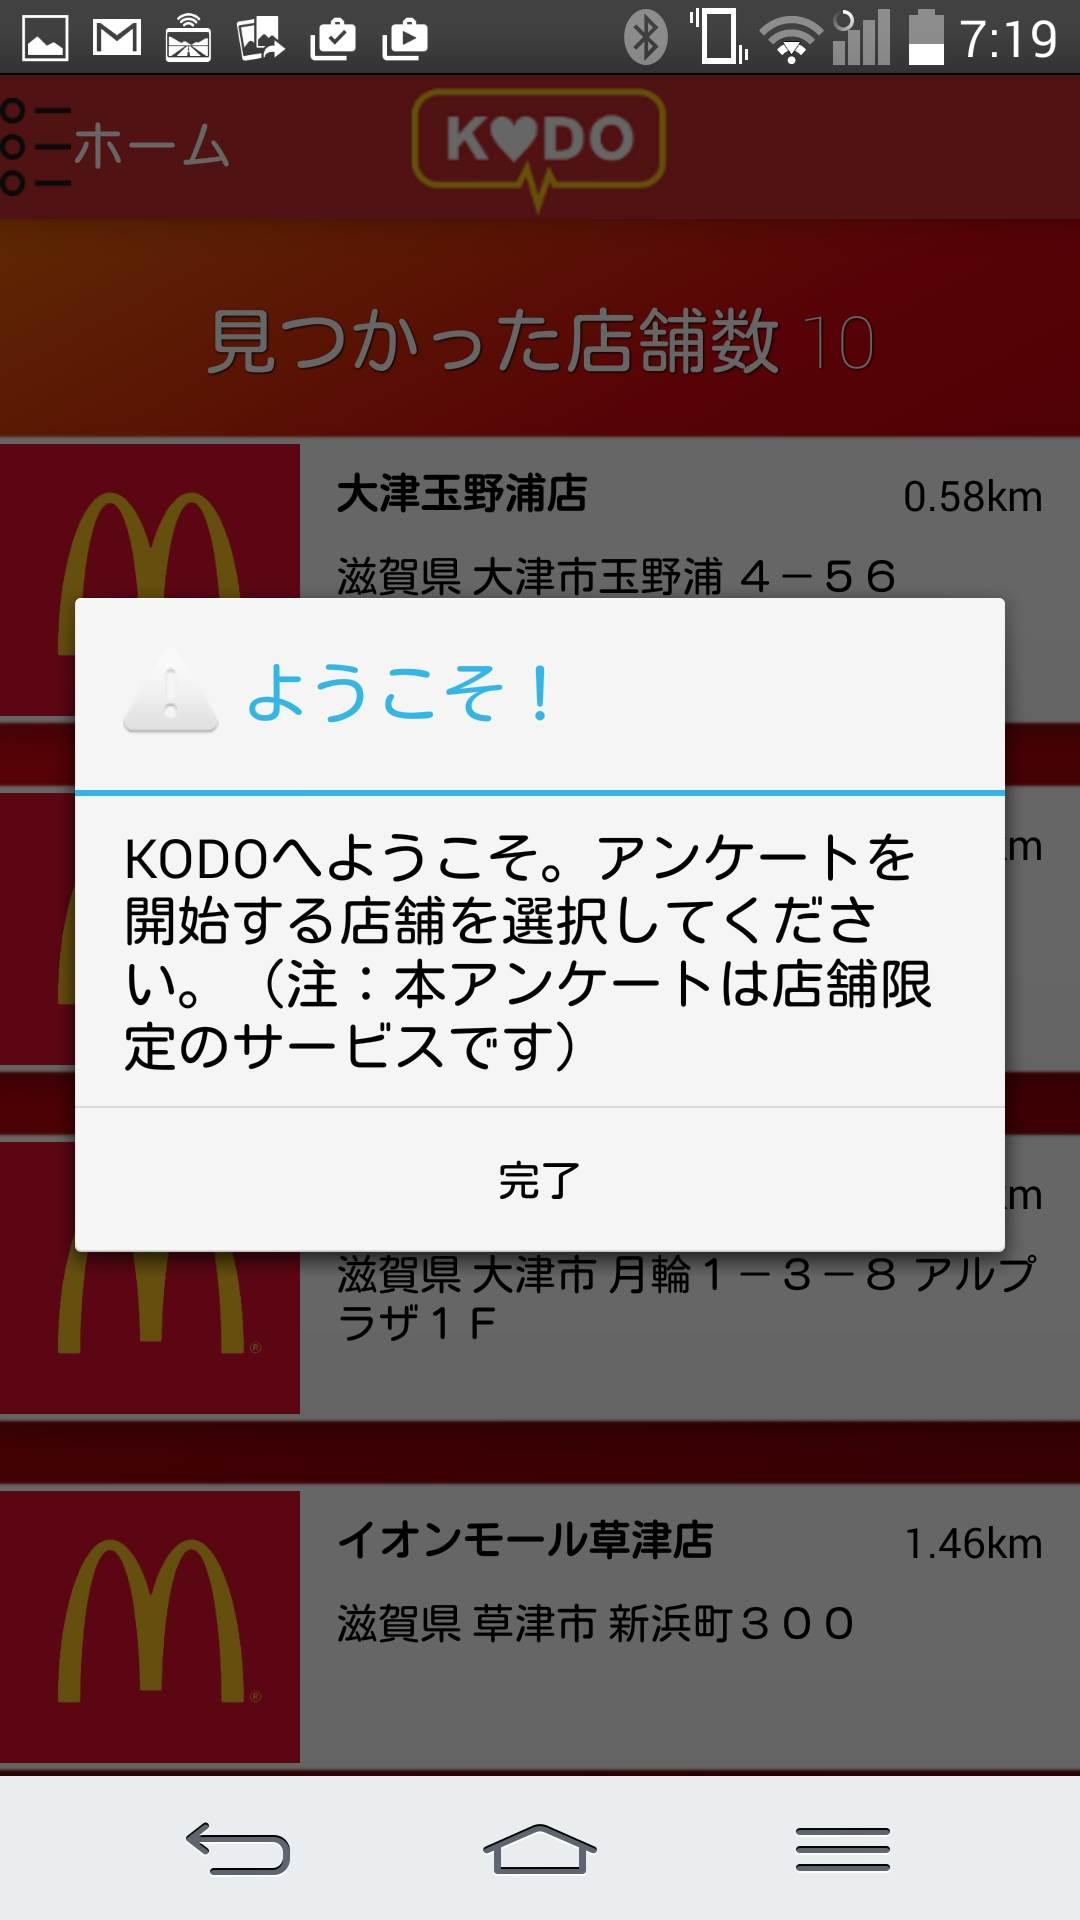 マクドナルドKODO(鼓動)アプリ店舗検索